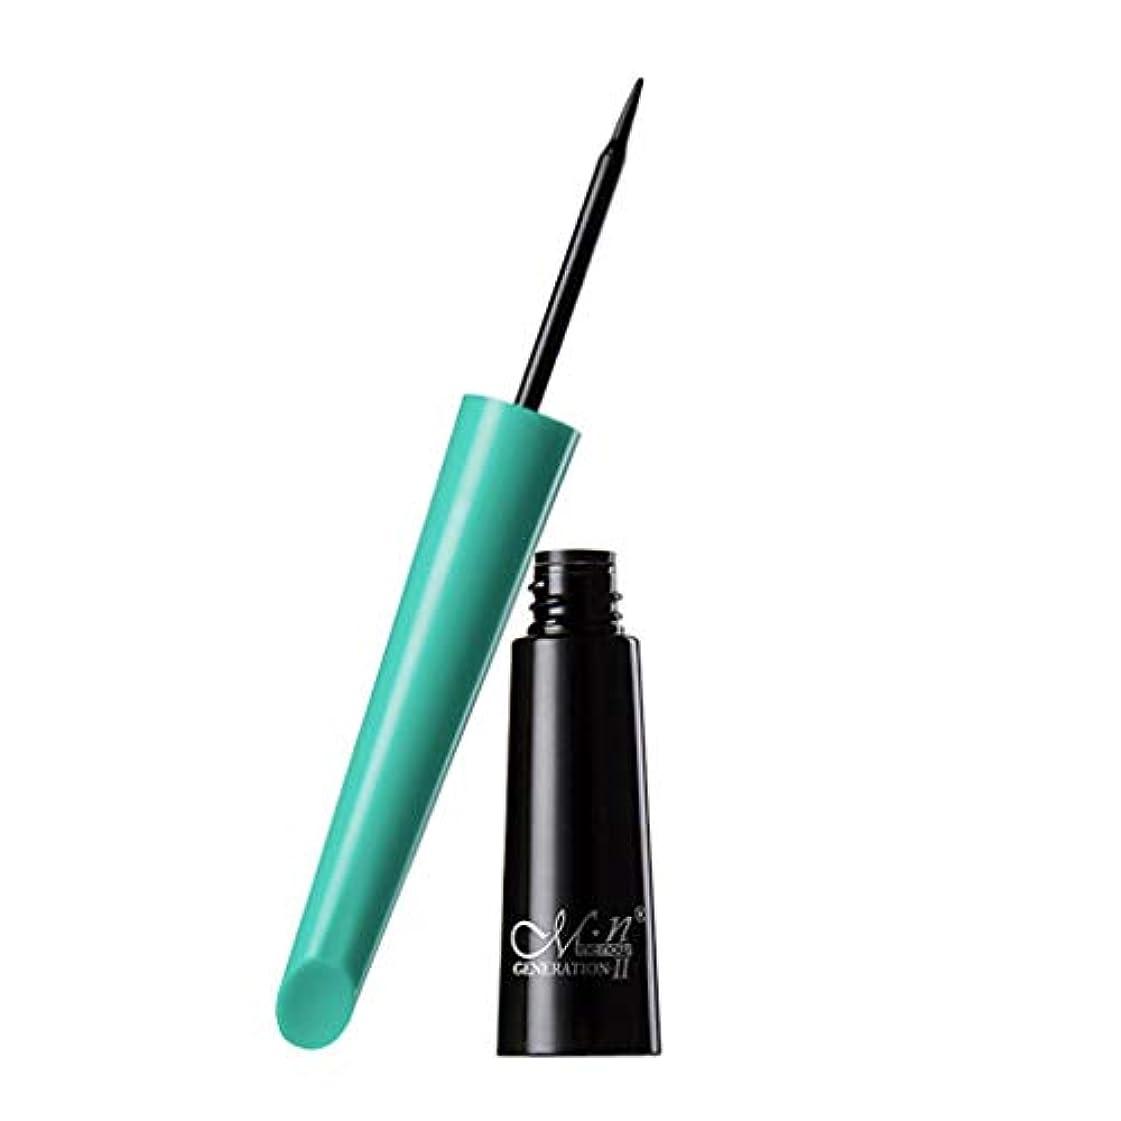 ペーストしつけ毒性女性Menow防水美容メイクアップ化粧品ブラックリキッドアイライナーペン